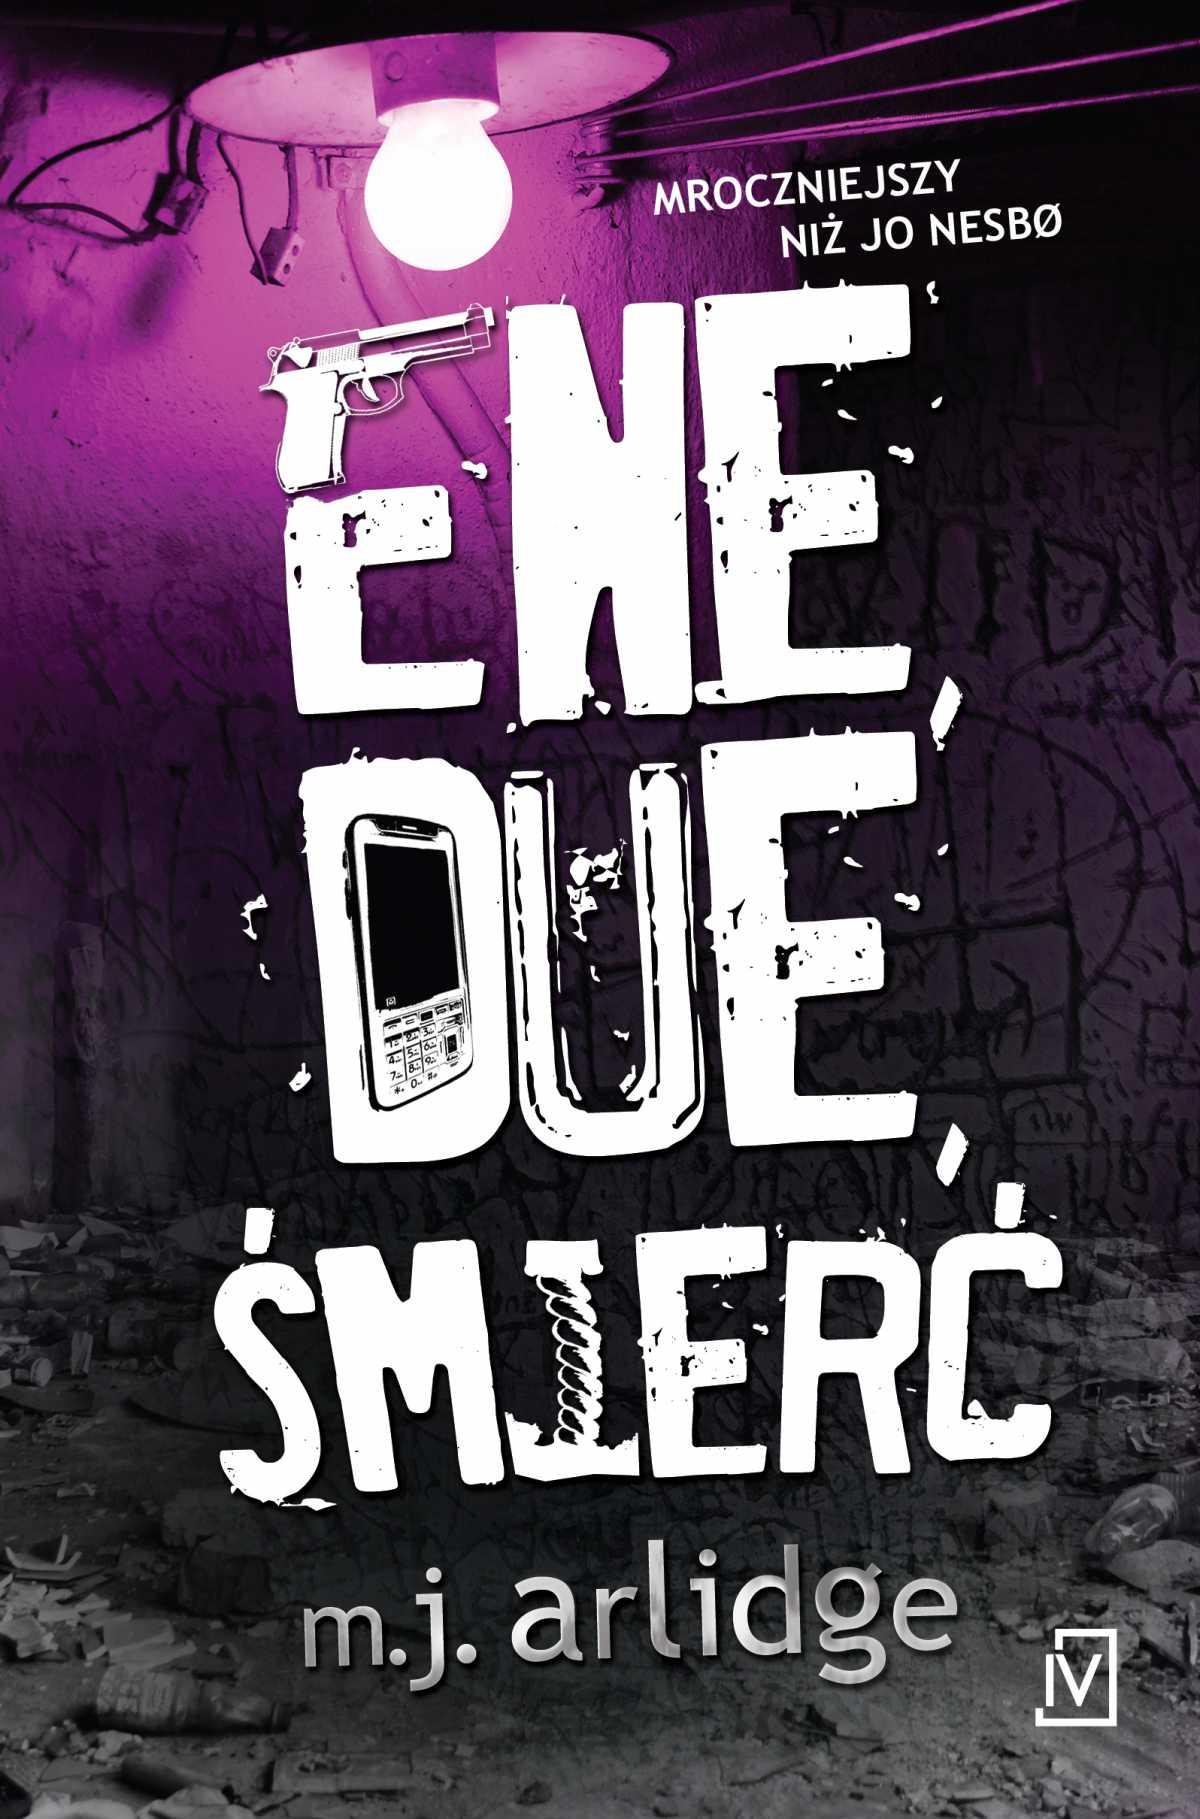 Ene, due, śmierć - Ebook (Książka EPUB) do pobrania w formacie EPUB